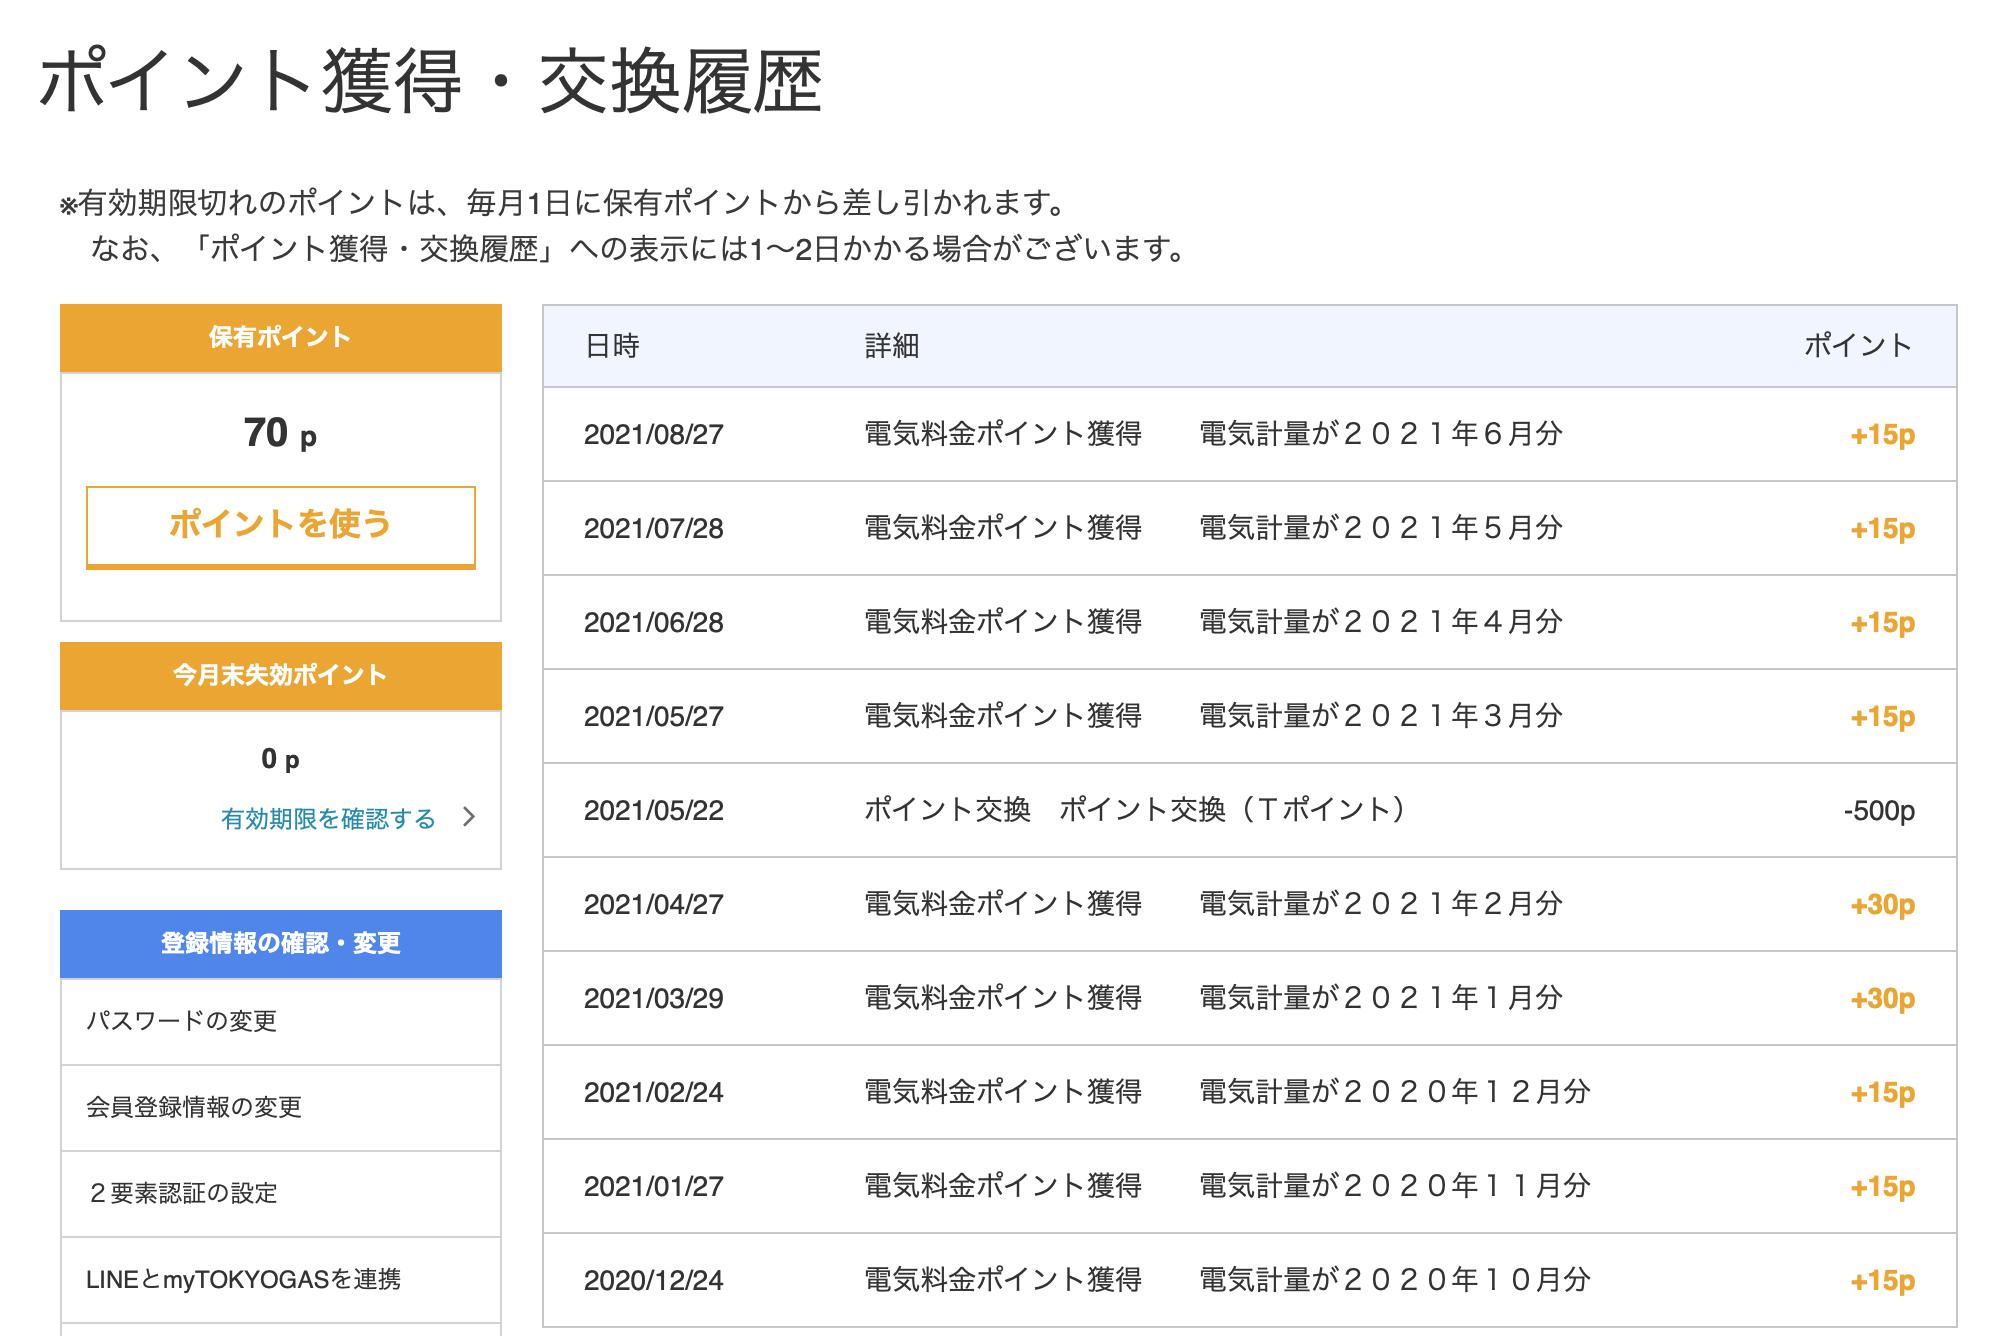 東京ガス 一本化 メリット